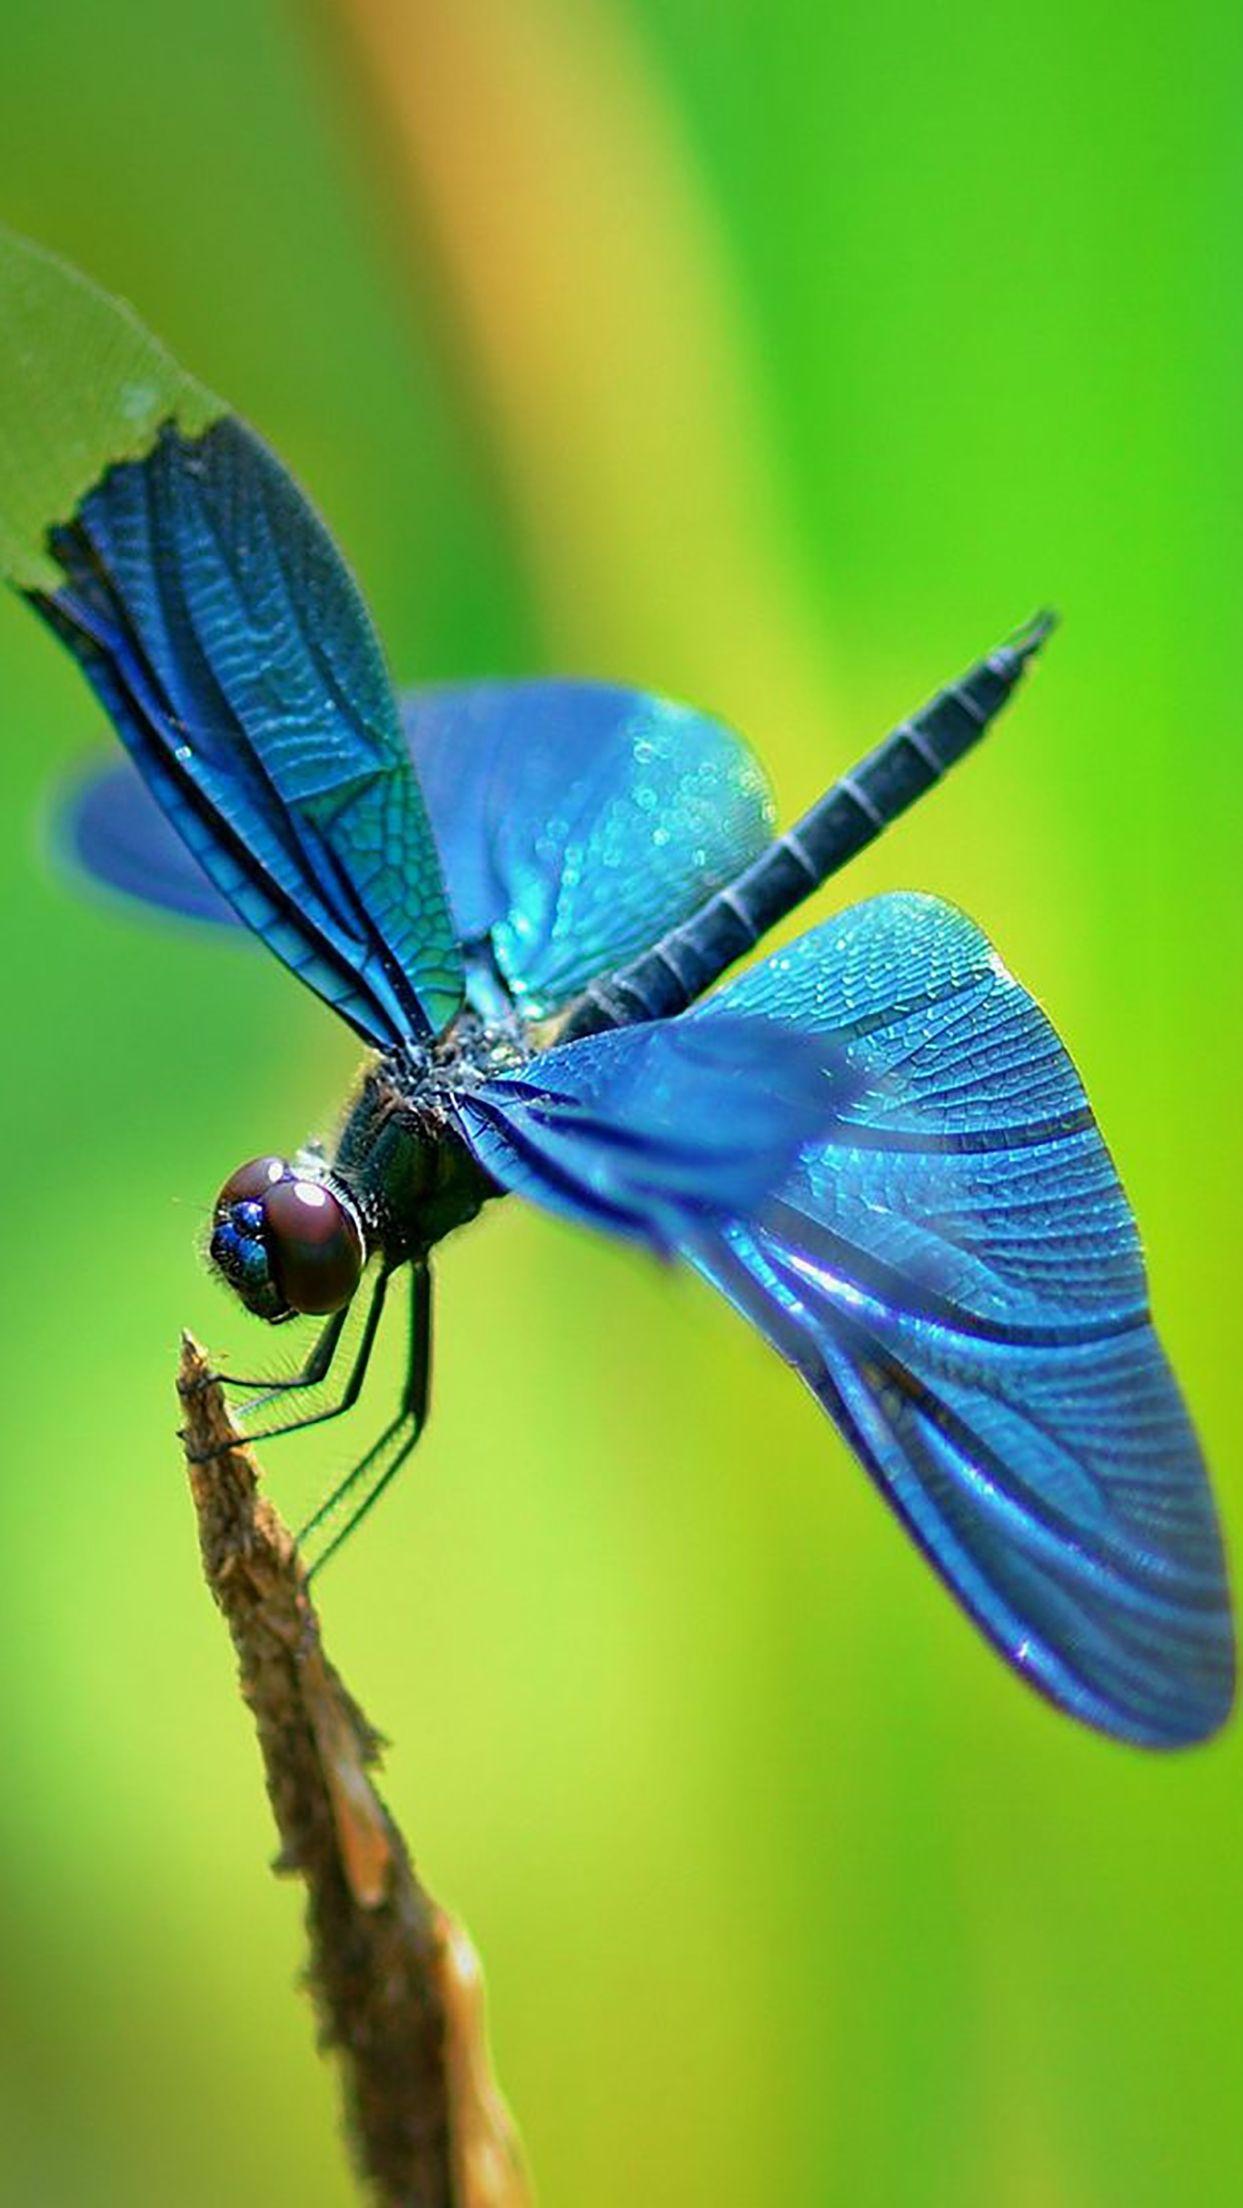 Chuồn chuồn cánh xanh cực xinh đẹp